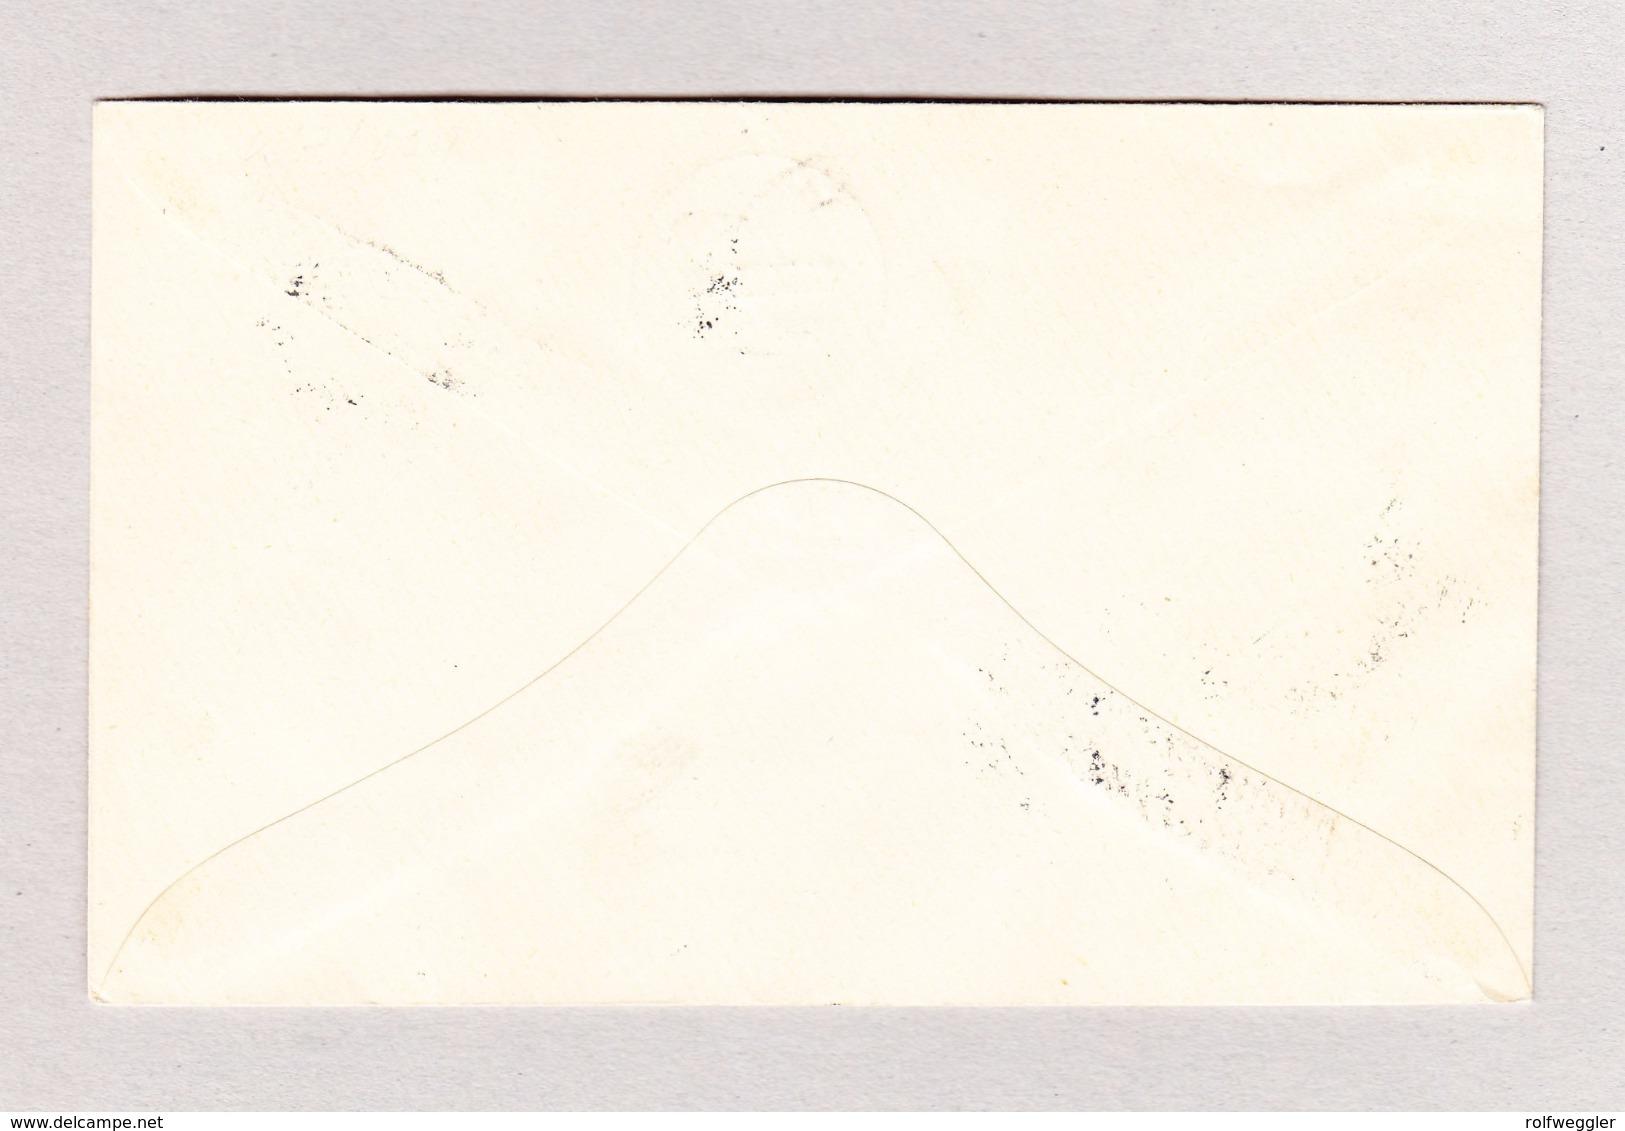 Schweiz Luftpost Handley Page  Schweizer Flugpost 20.9.1923 Brief Nach Paris Kommend Von Neuhausen SH - Autres Documents